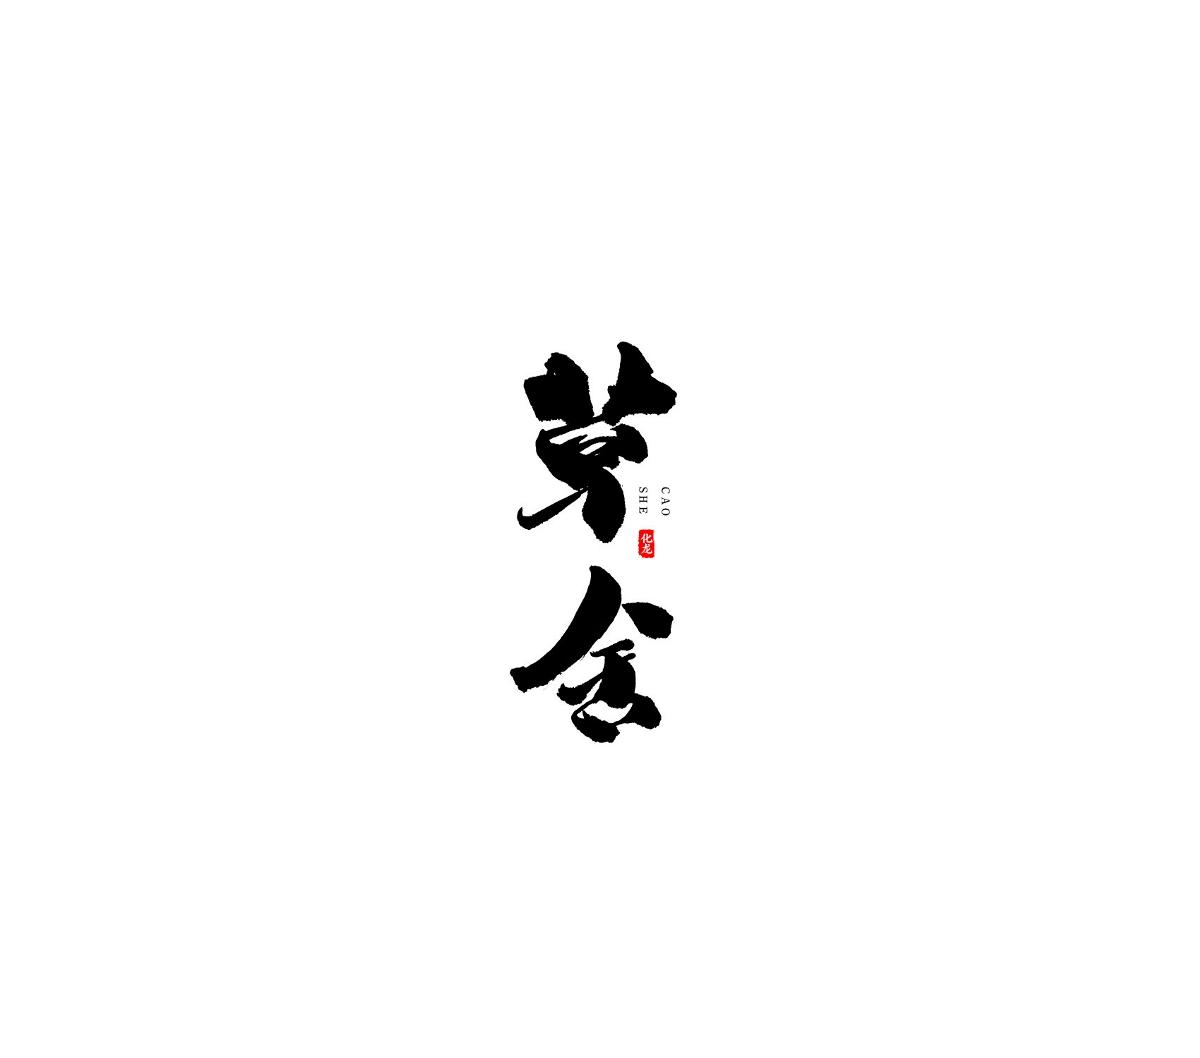 化龙  【字逍遥】